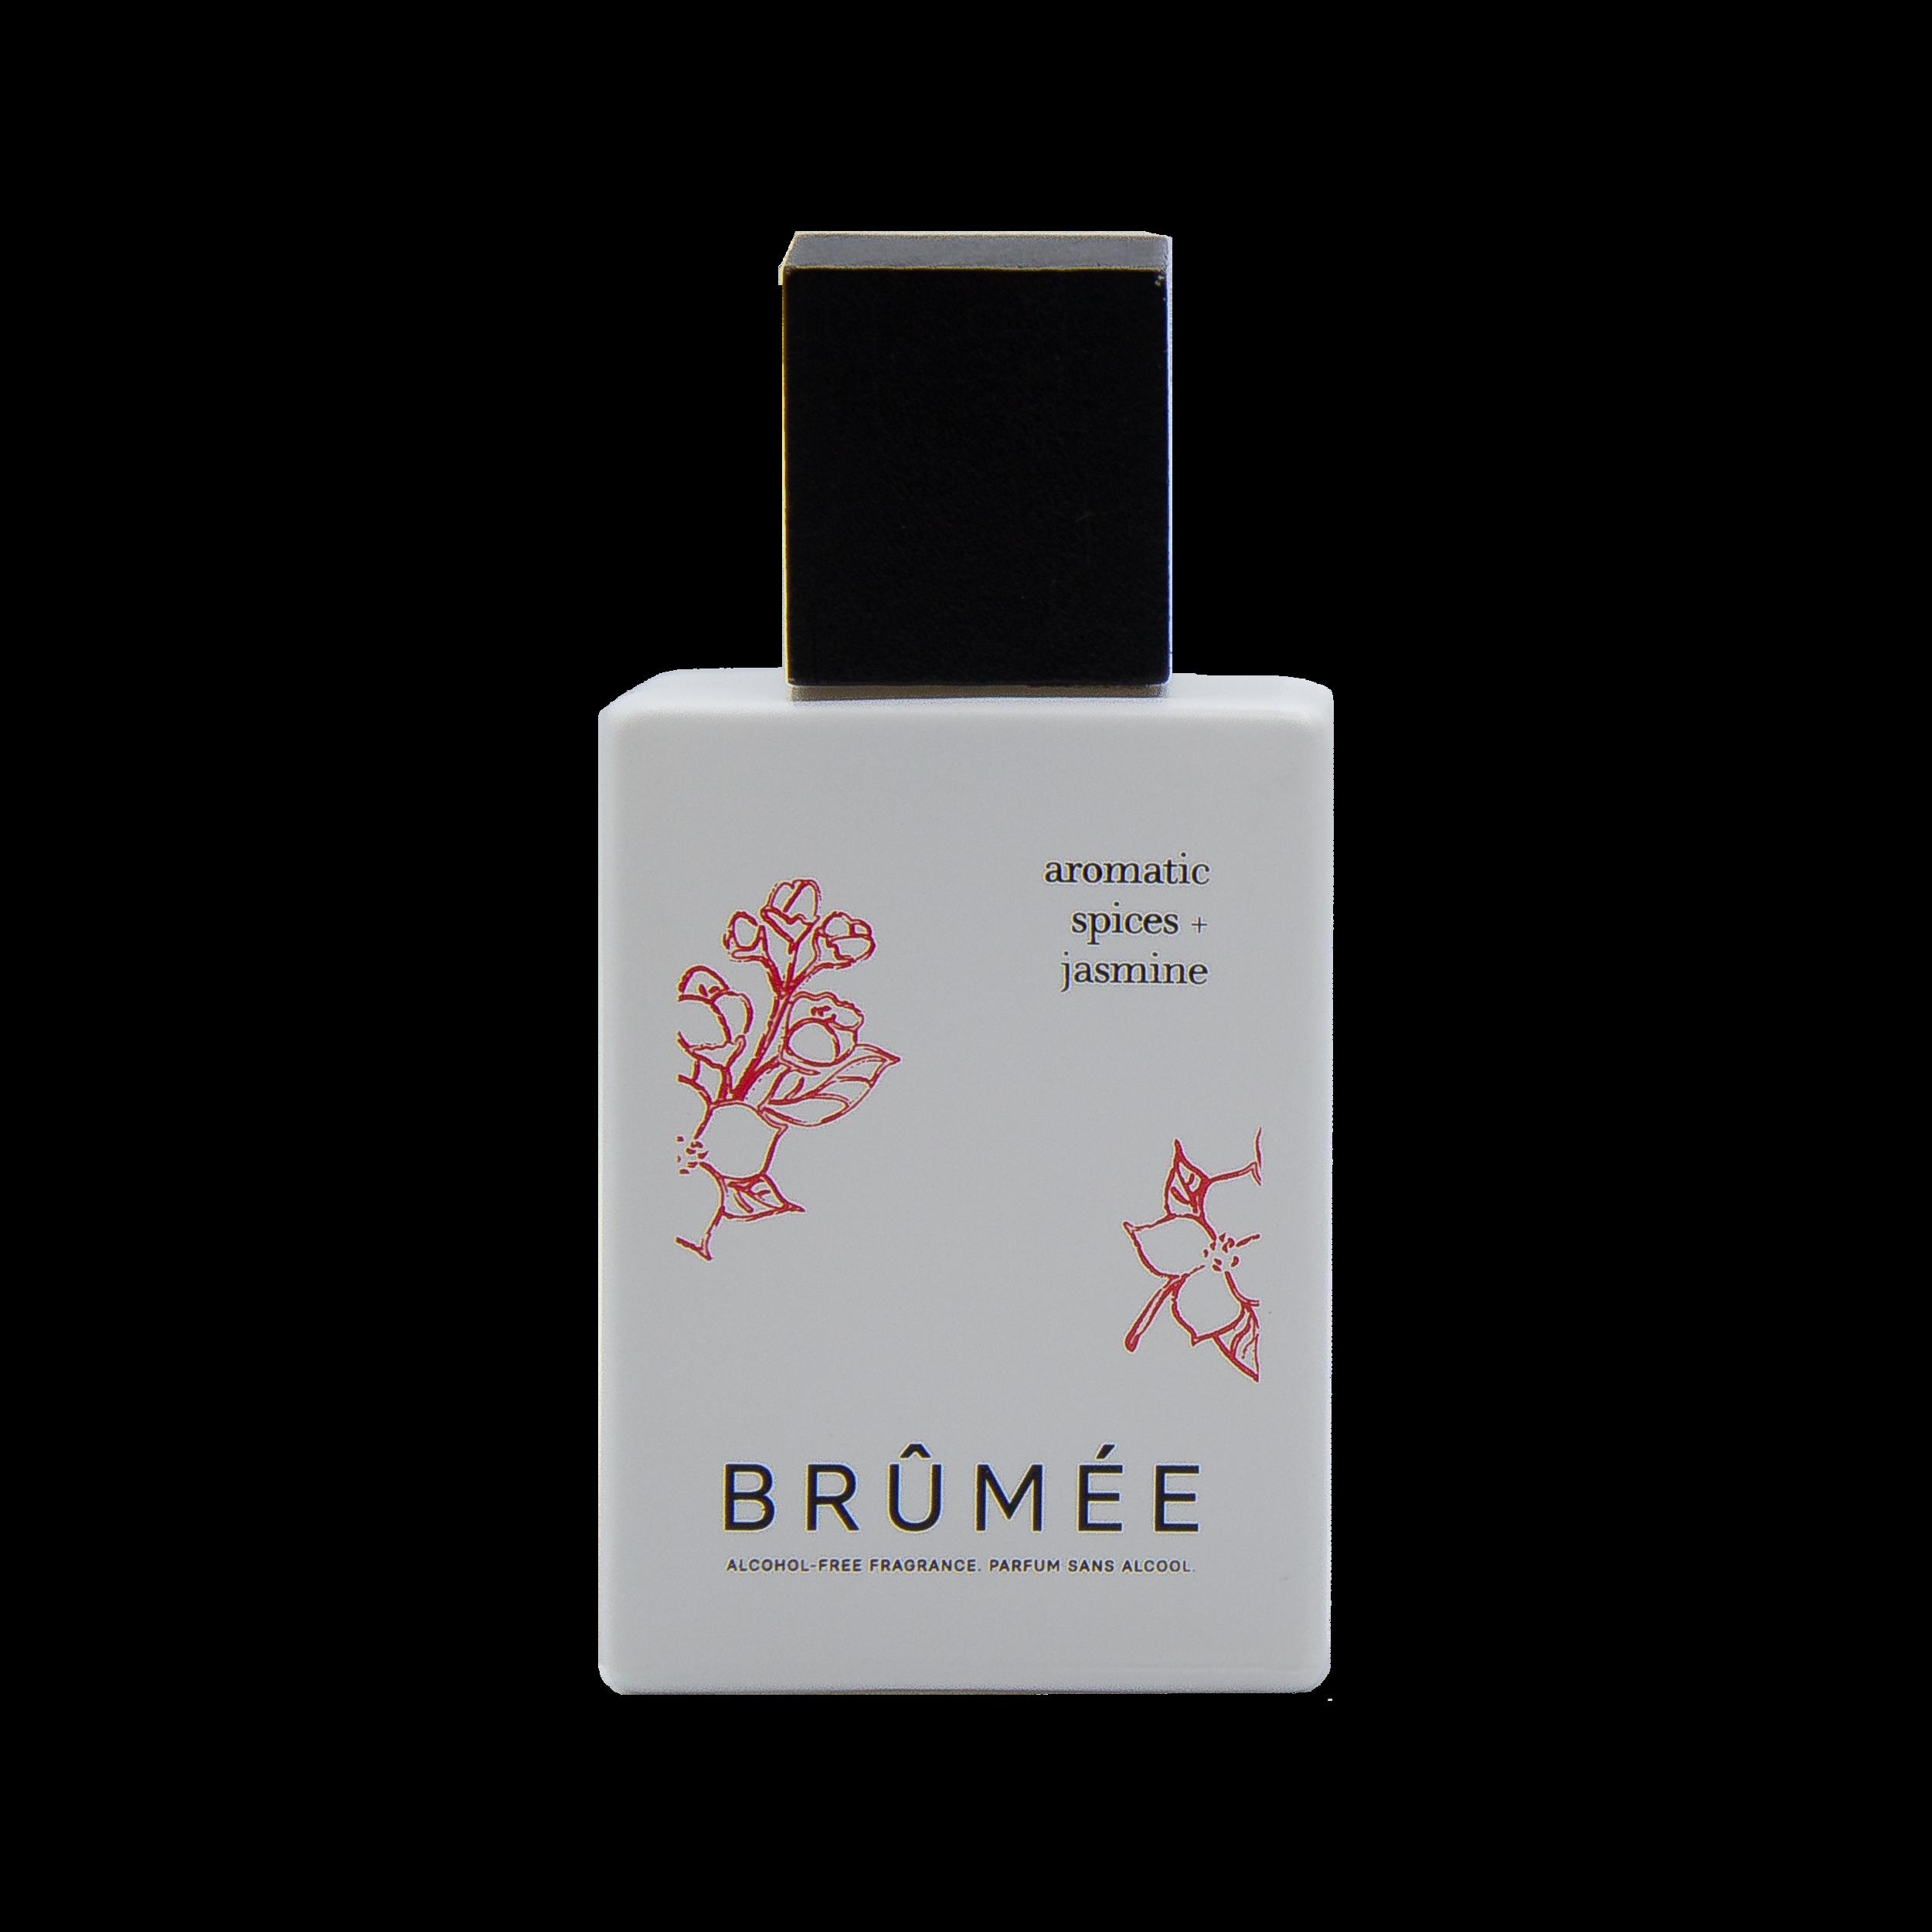 brumee - parfum Aromatic Spices + Jasmine